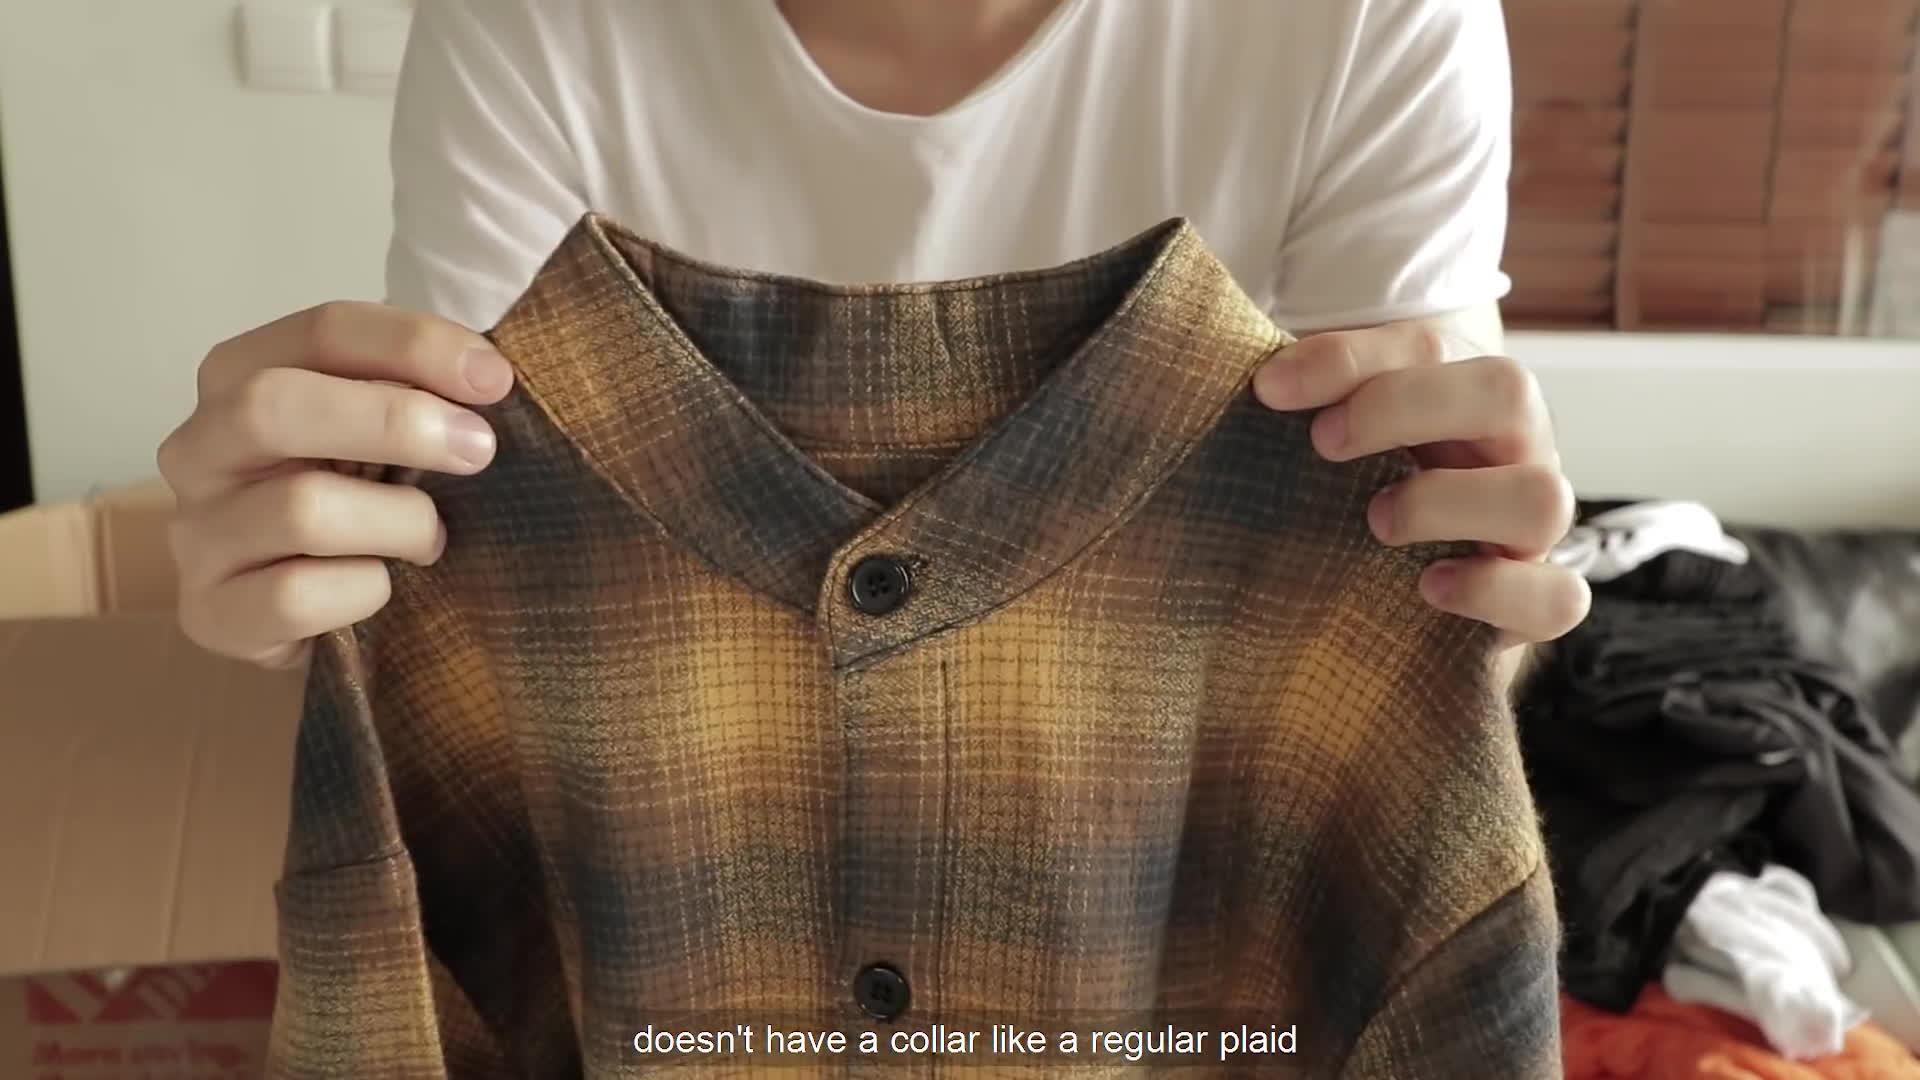 Unfinished shirt  cơn sóng mới càn quét street style giới trẻ ảnh 5